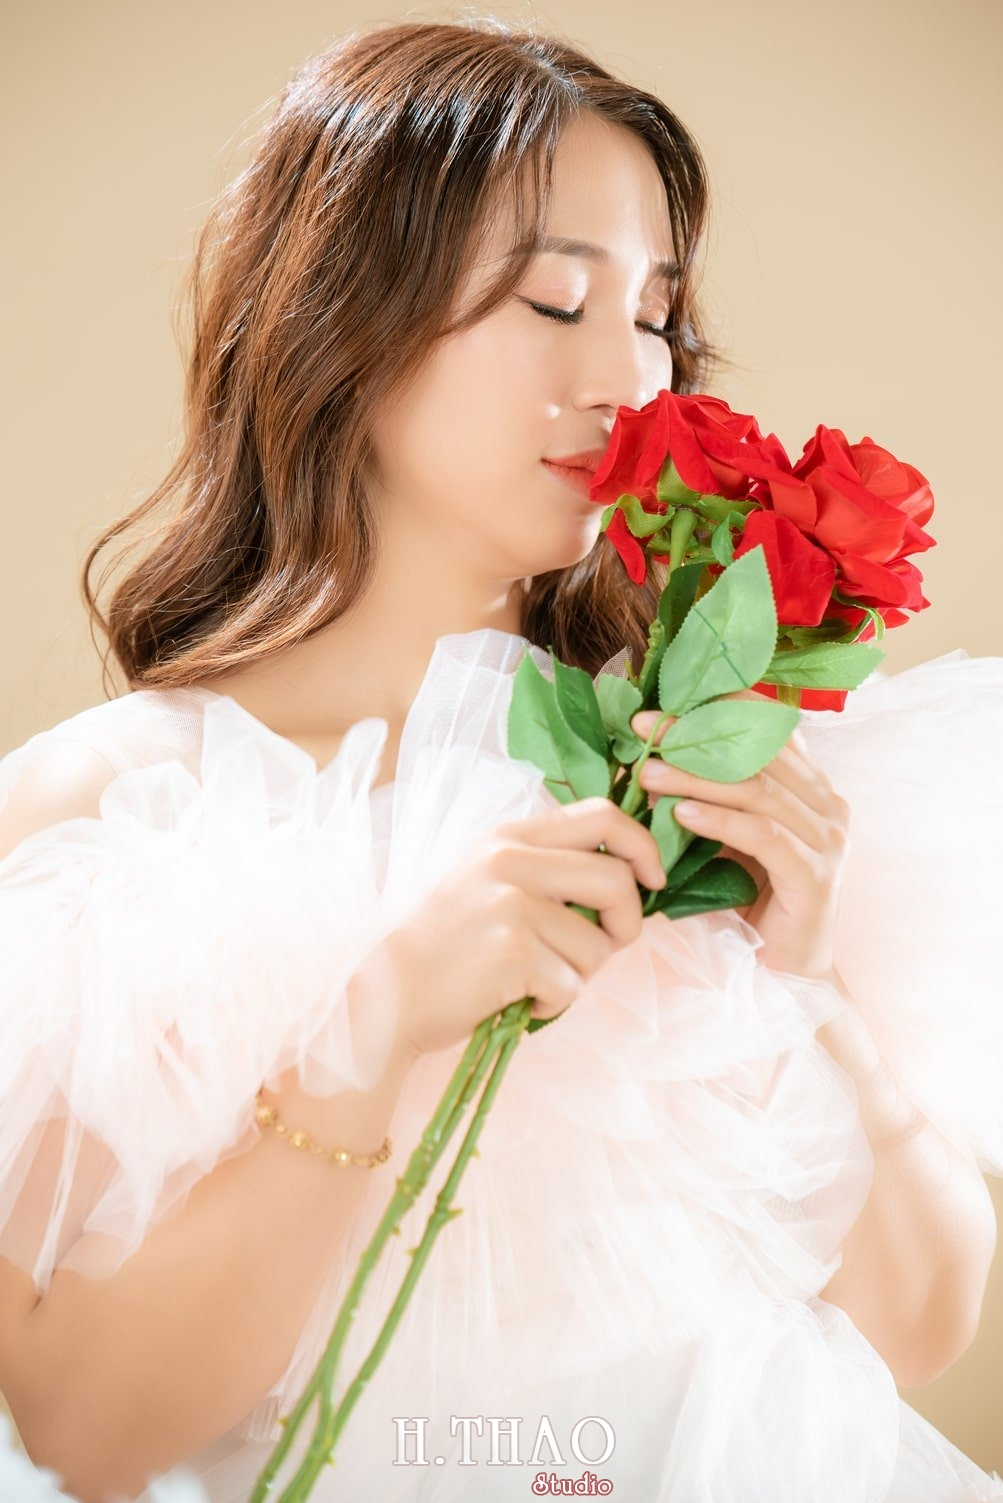 Anh Beauty 2 - Album ảnh beauty bé Sang đẹp nhẹ nhàng - HThao Studio